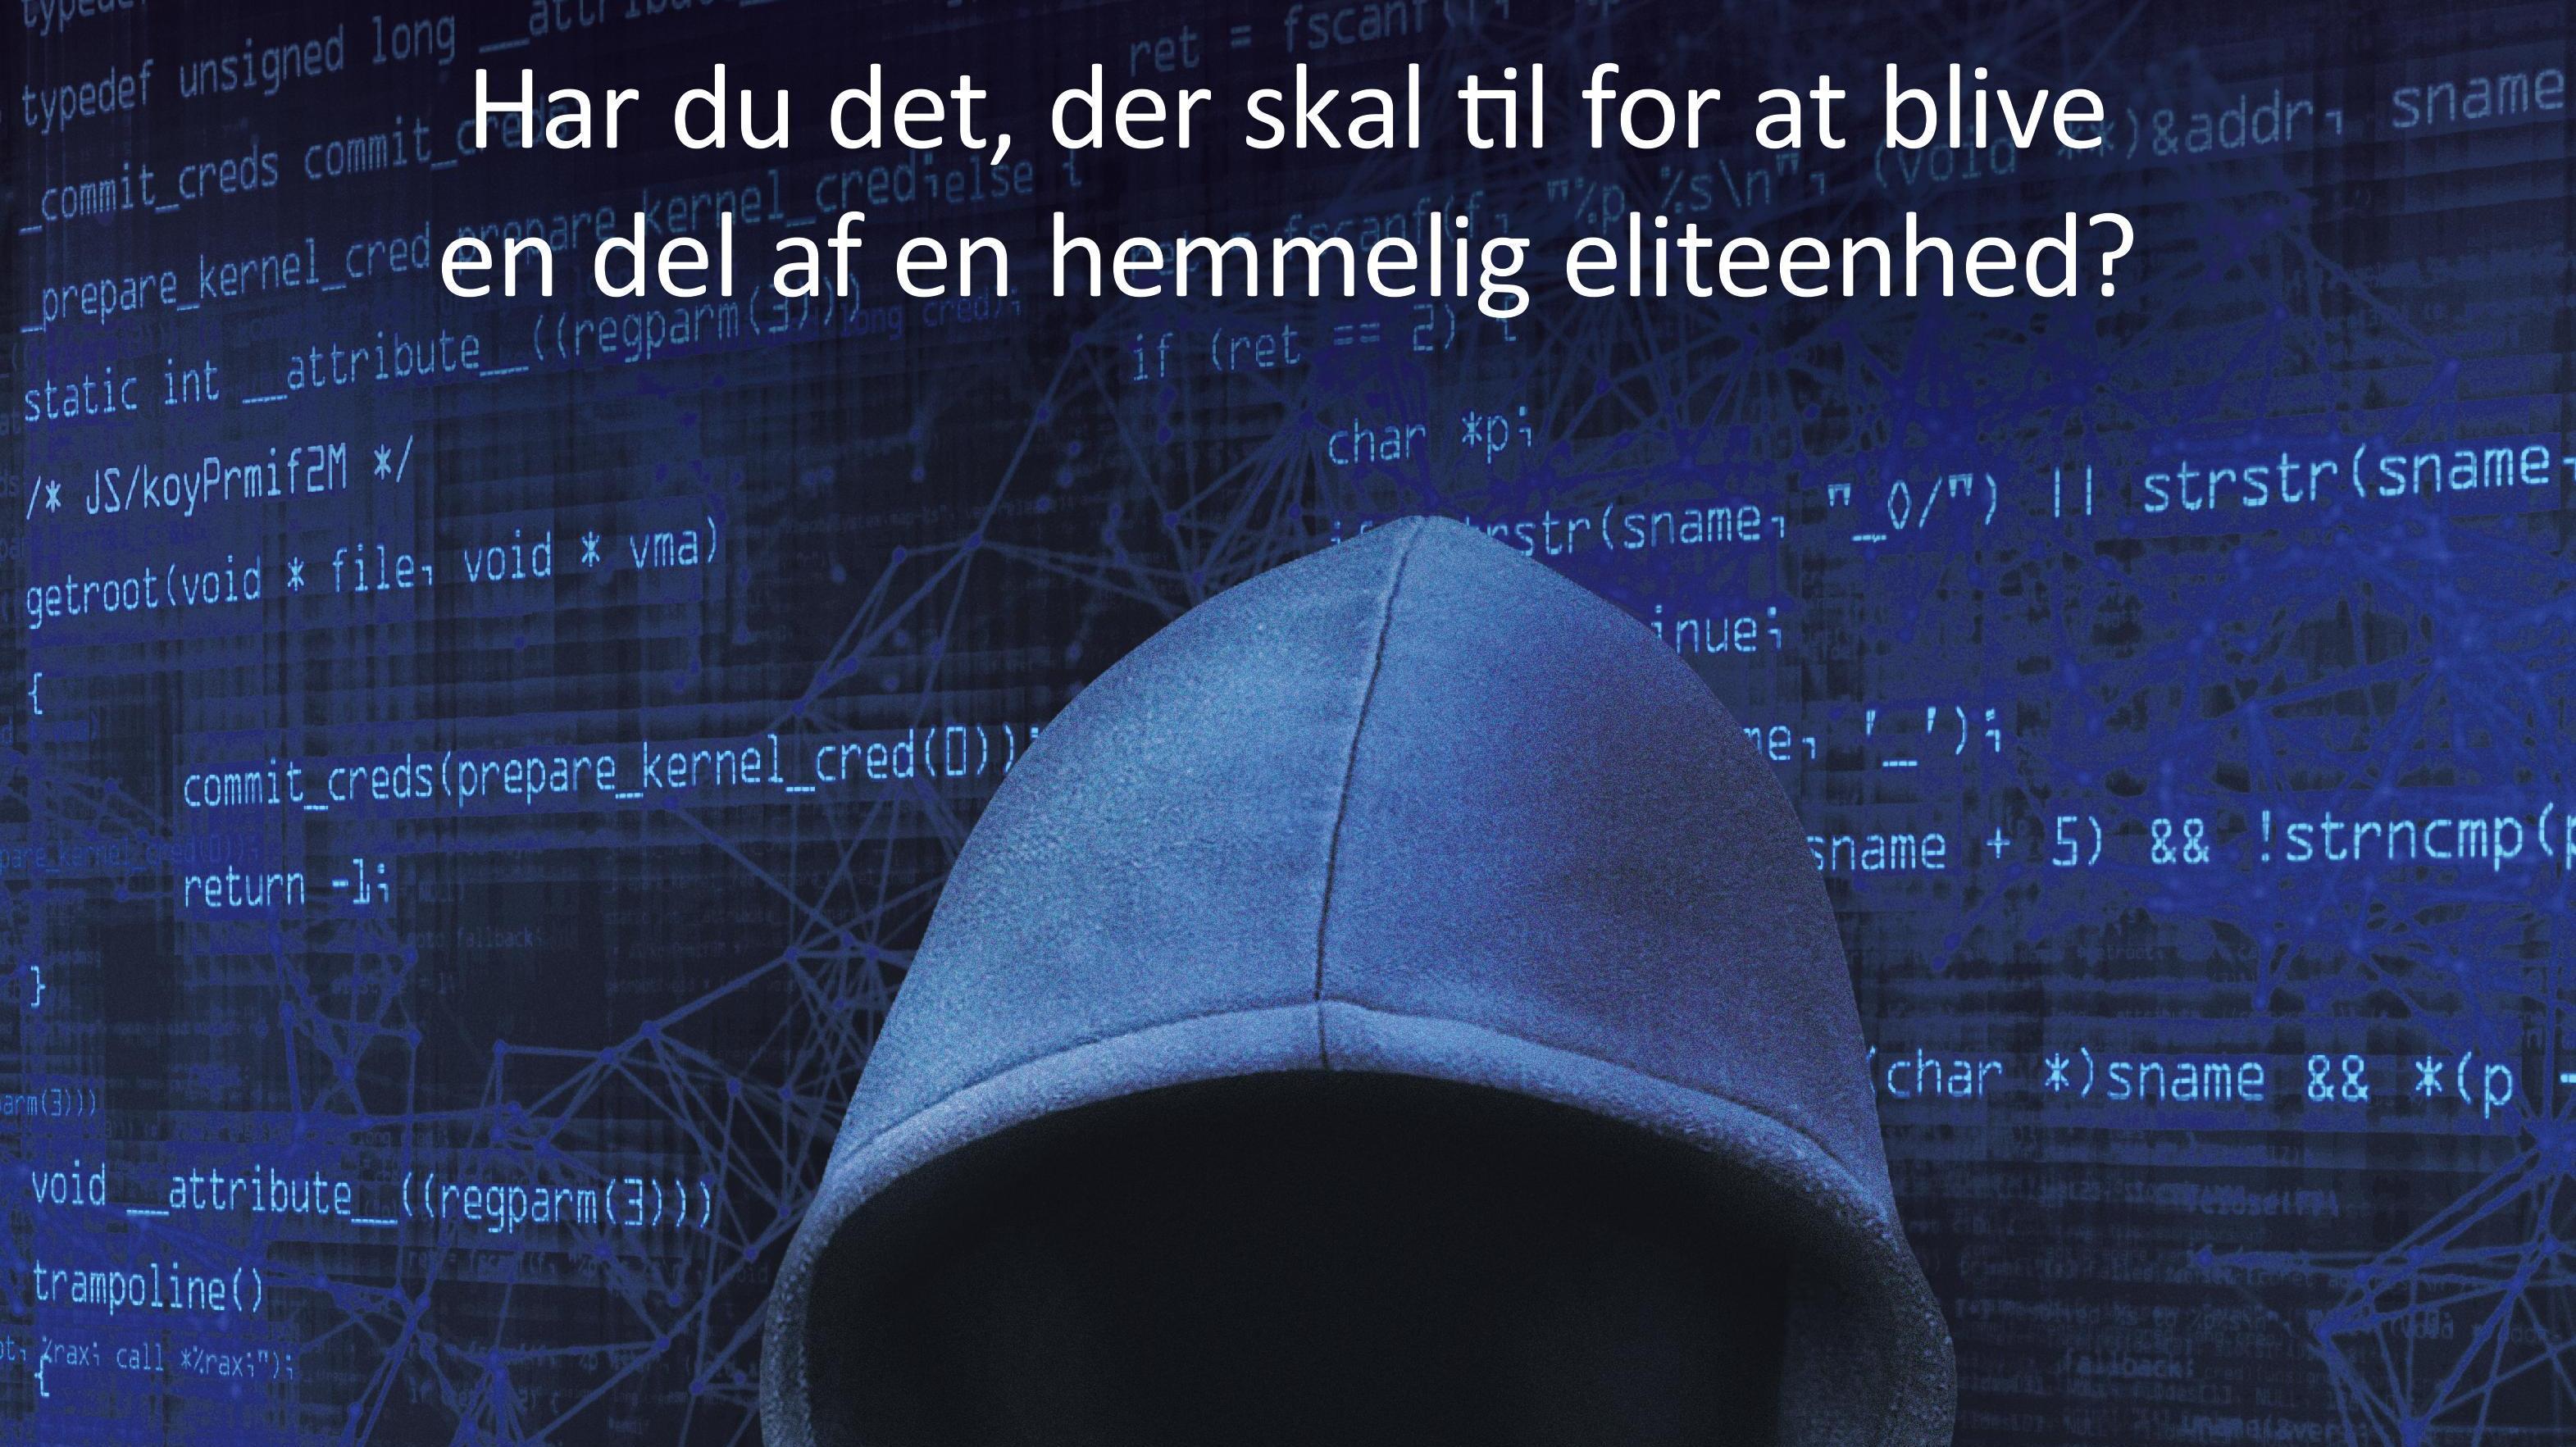 hackerannonce.jpg